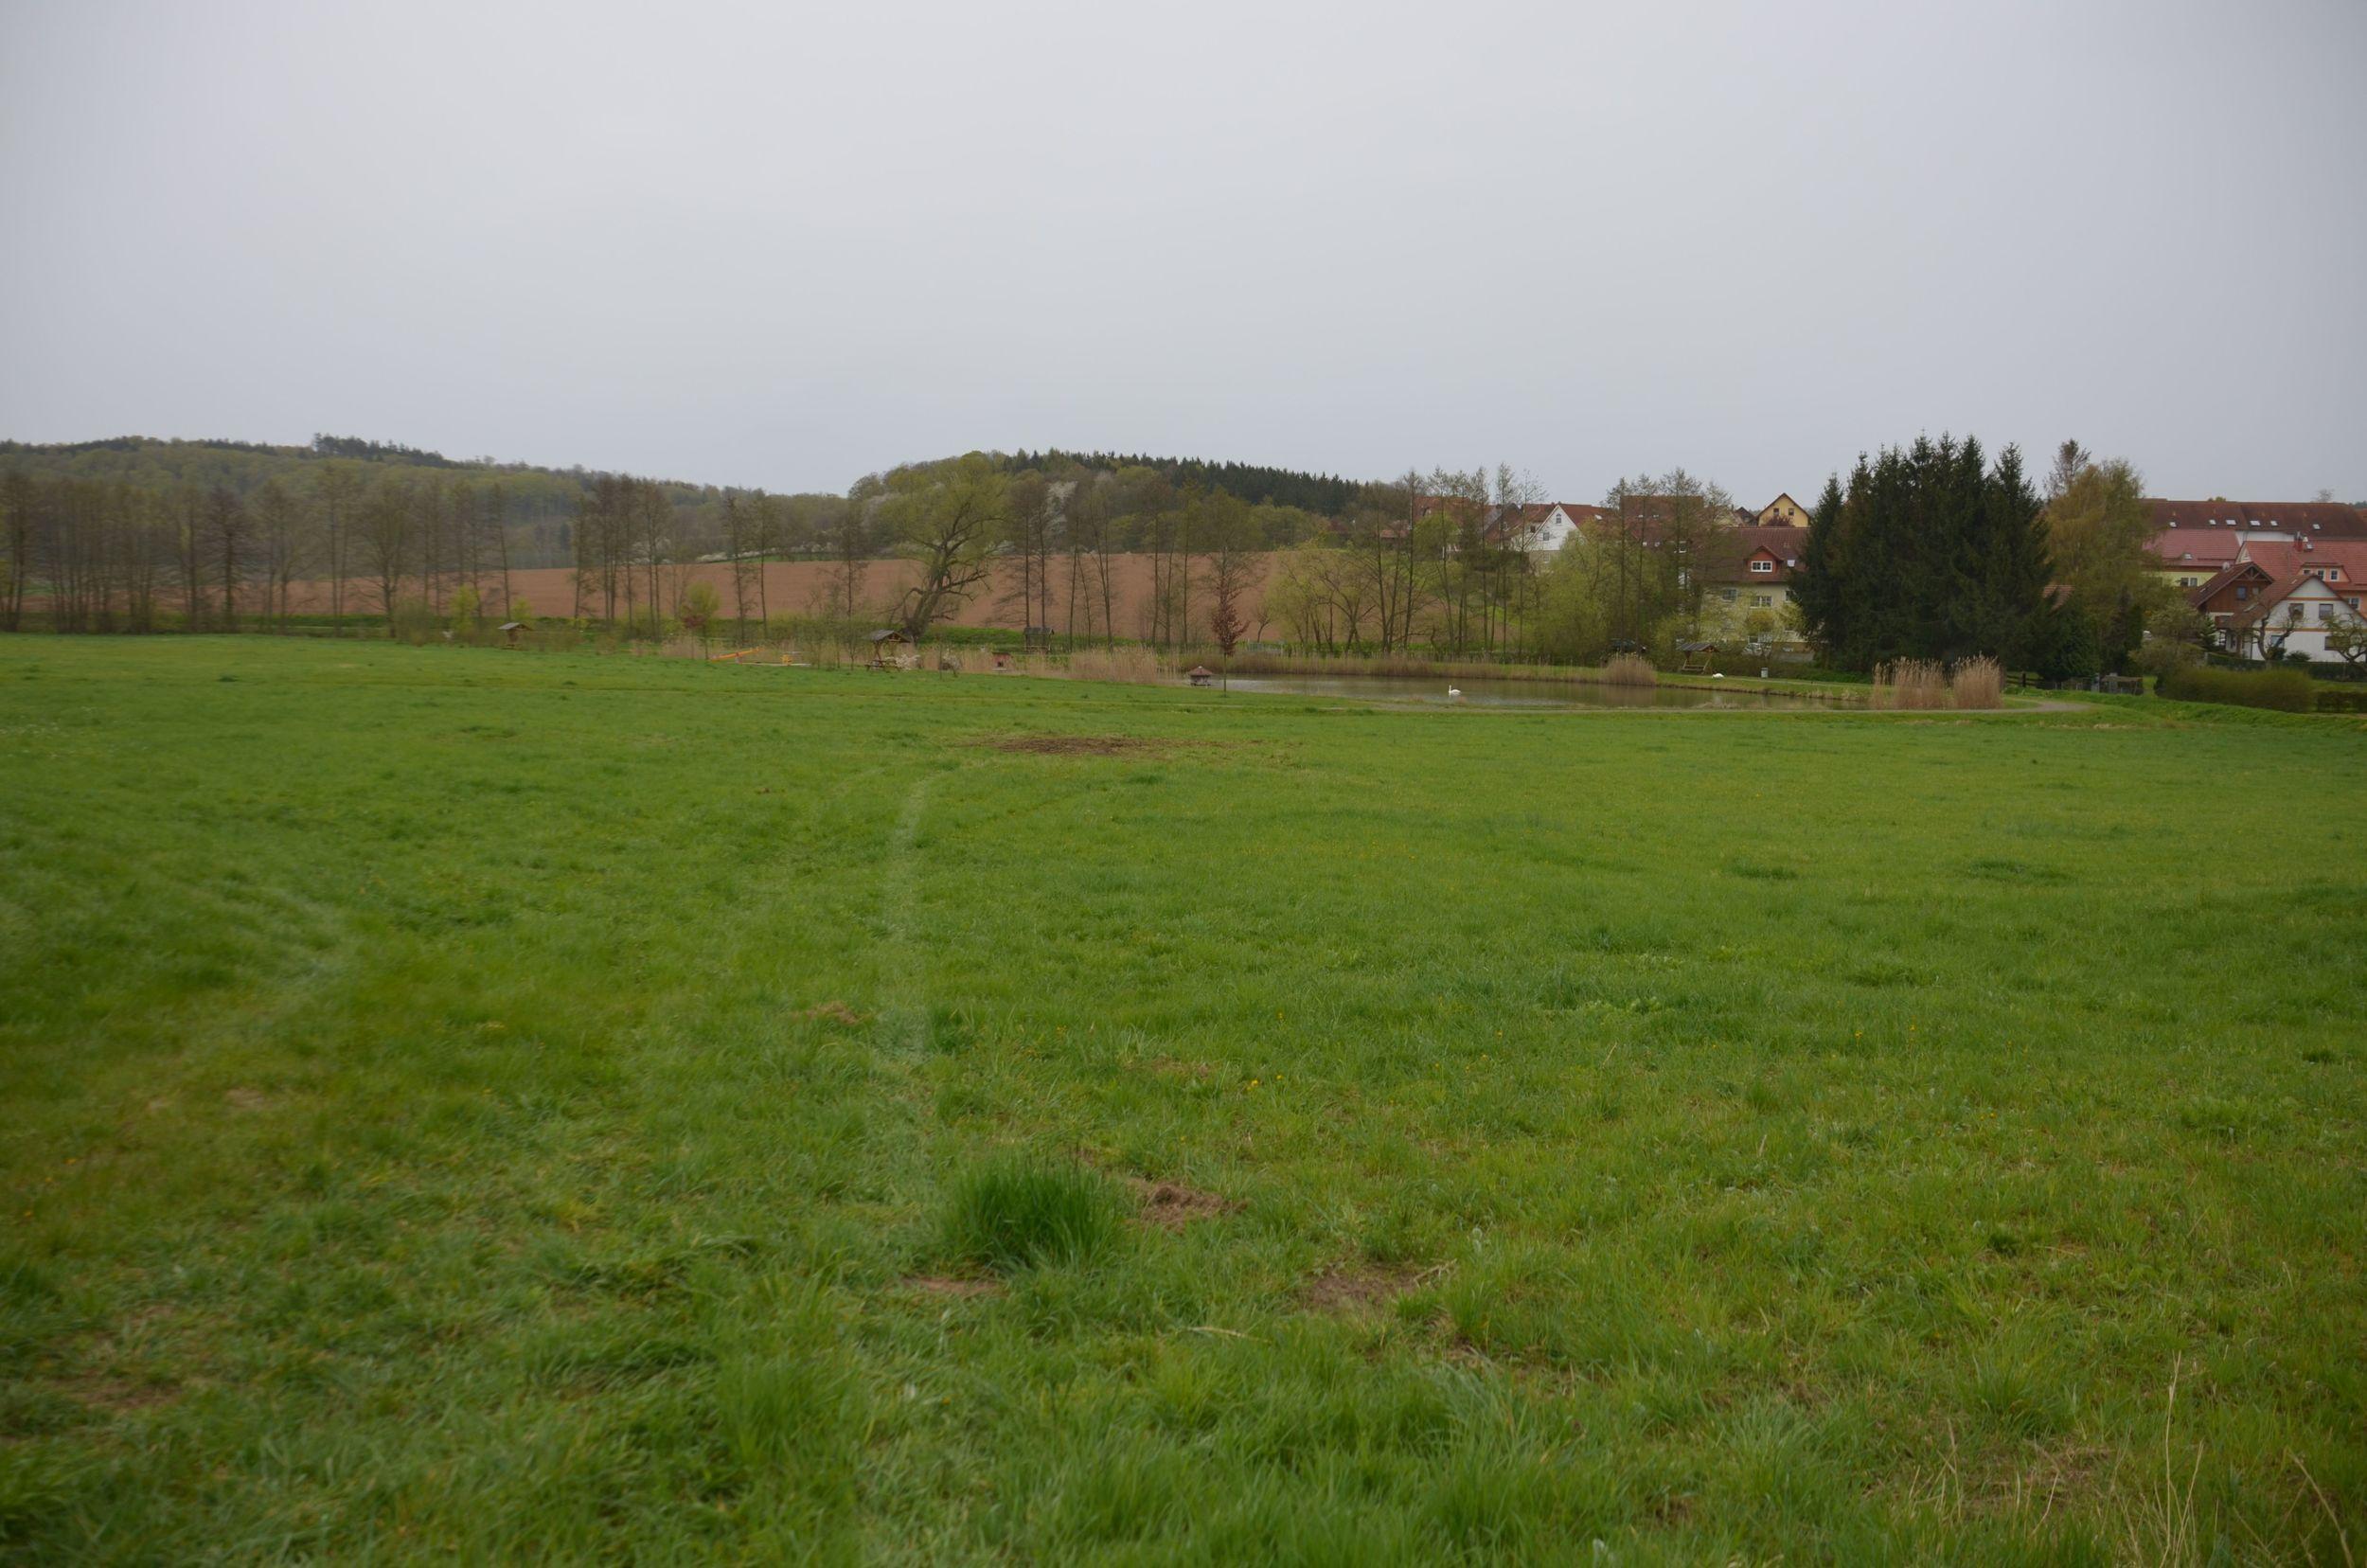 Bolin crash site